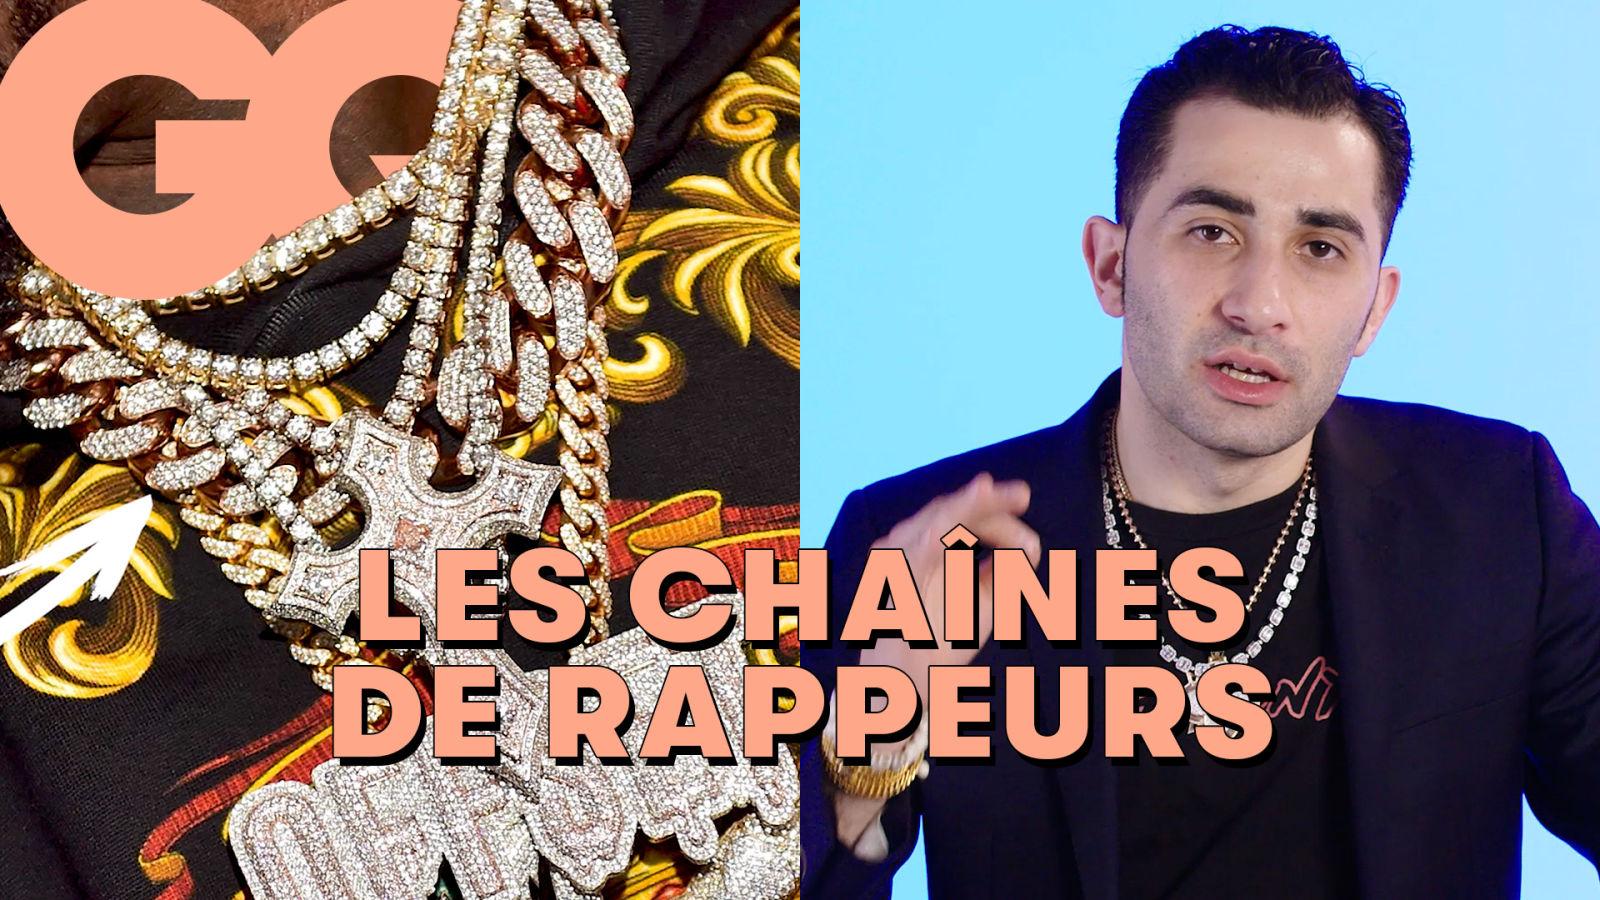 Les chaînes des rappeurs décryptées par un expert : Future, Quavo, Gucci Mane